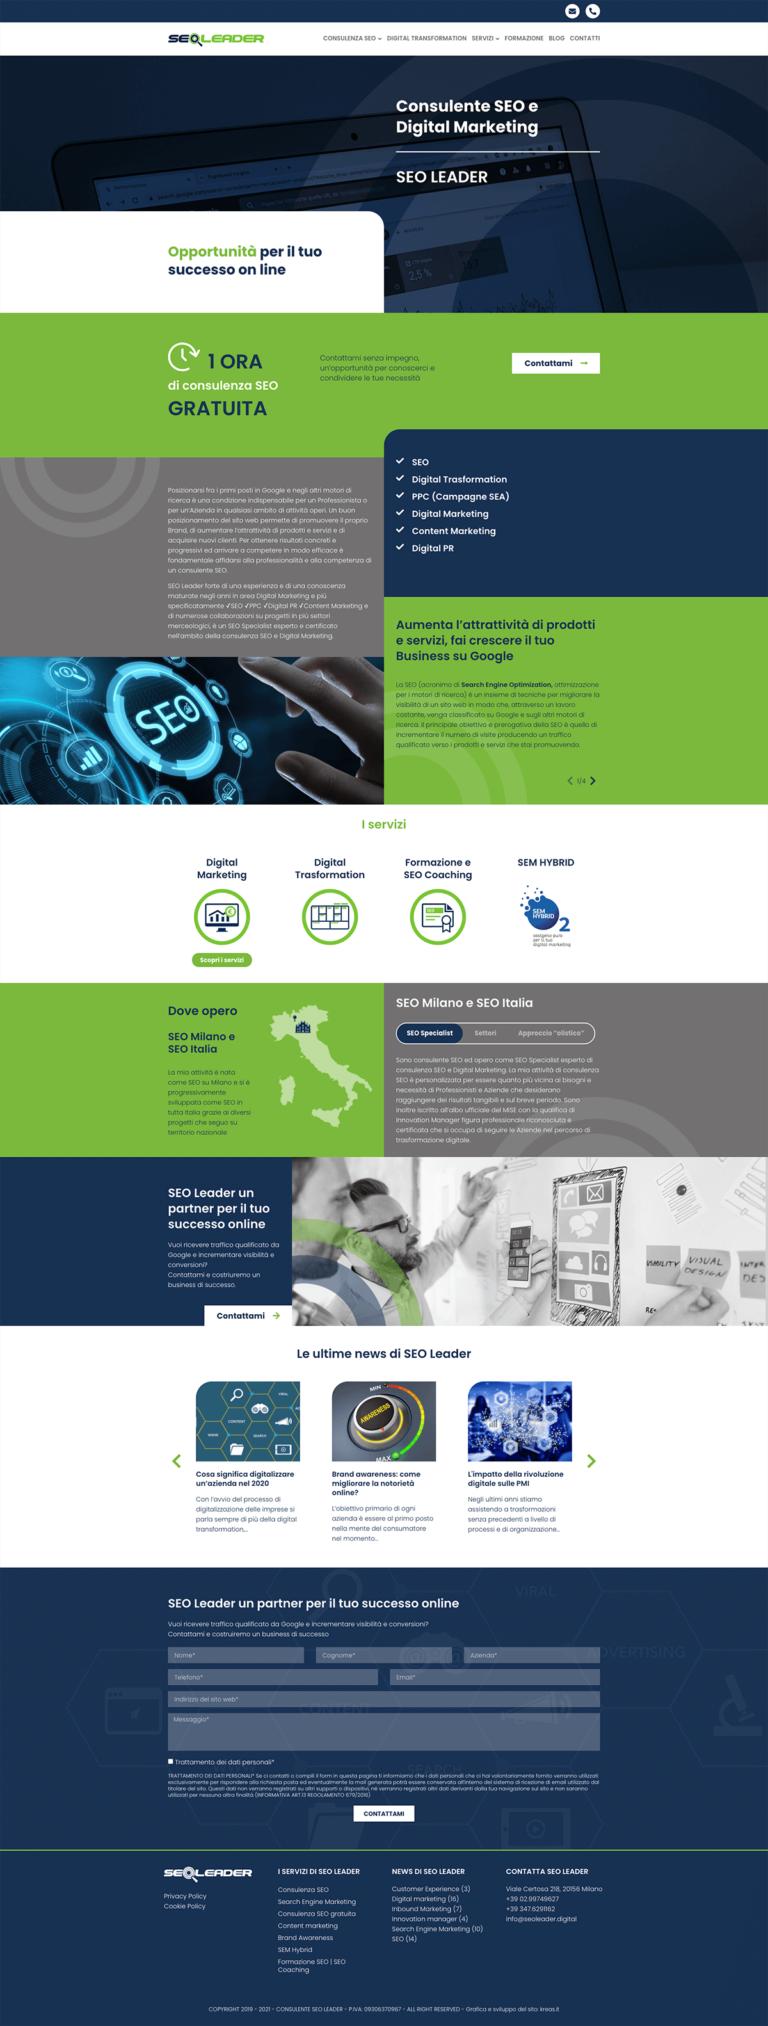 Seoleader digital home